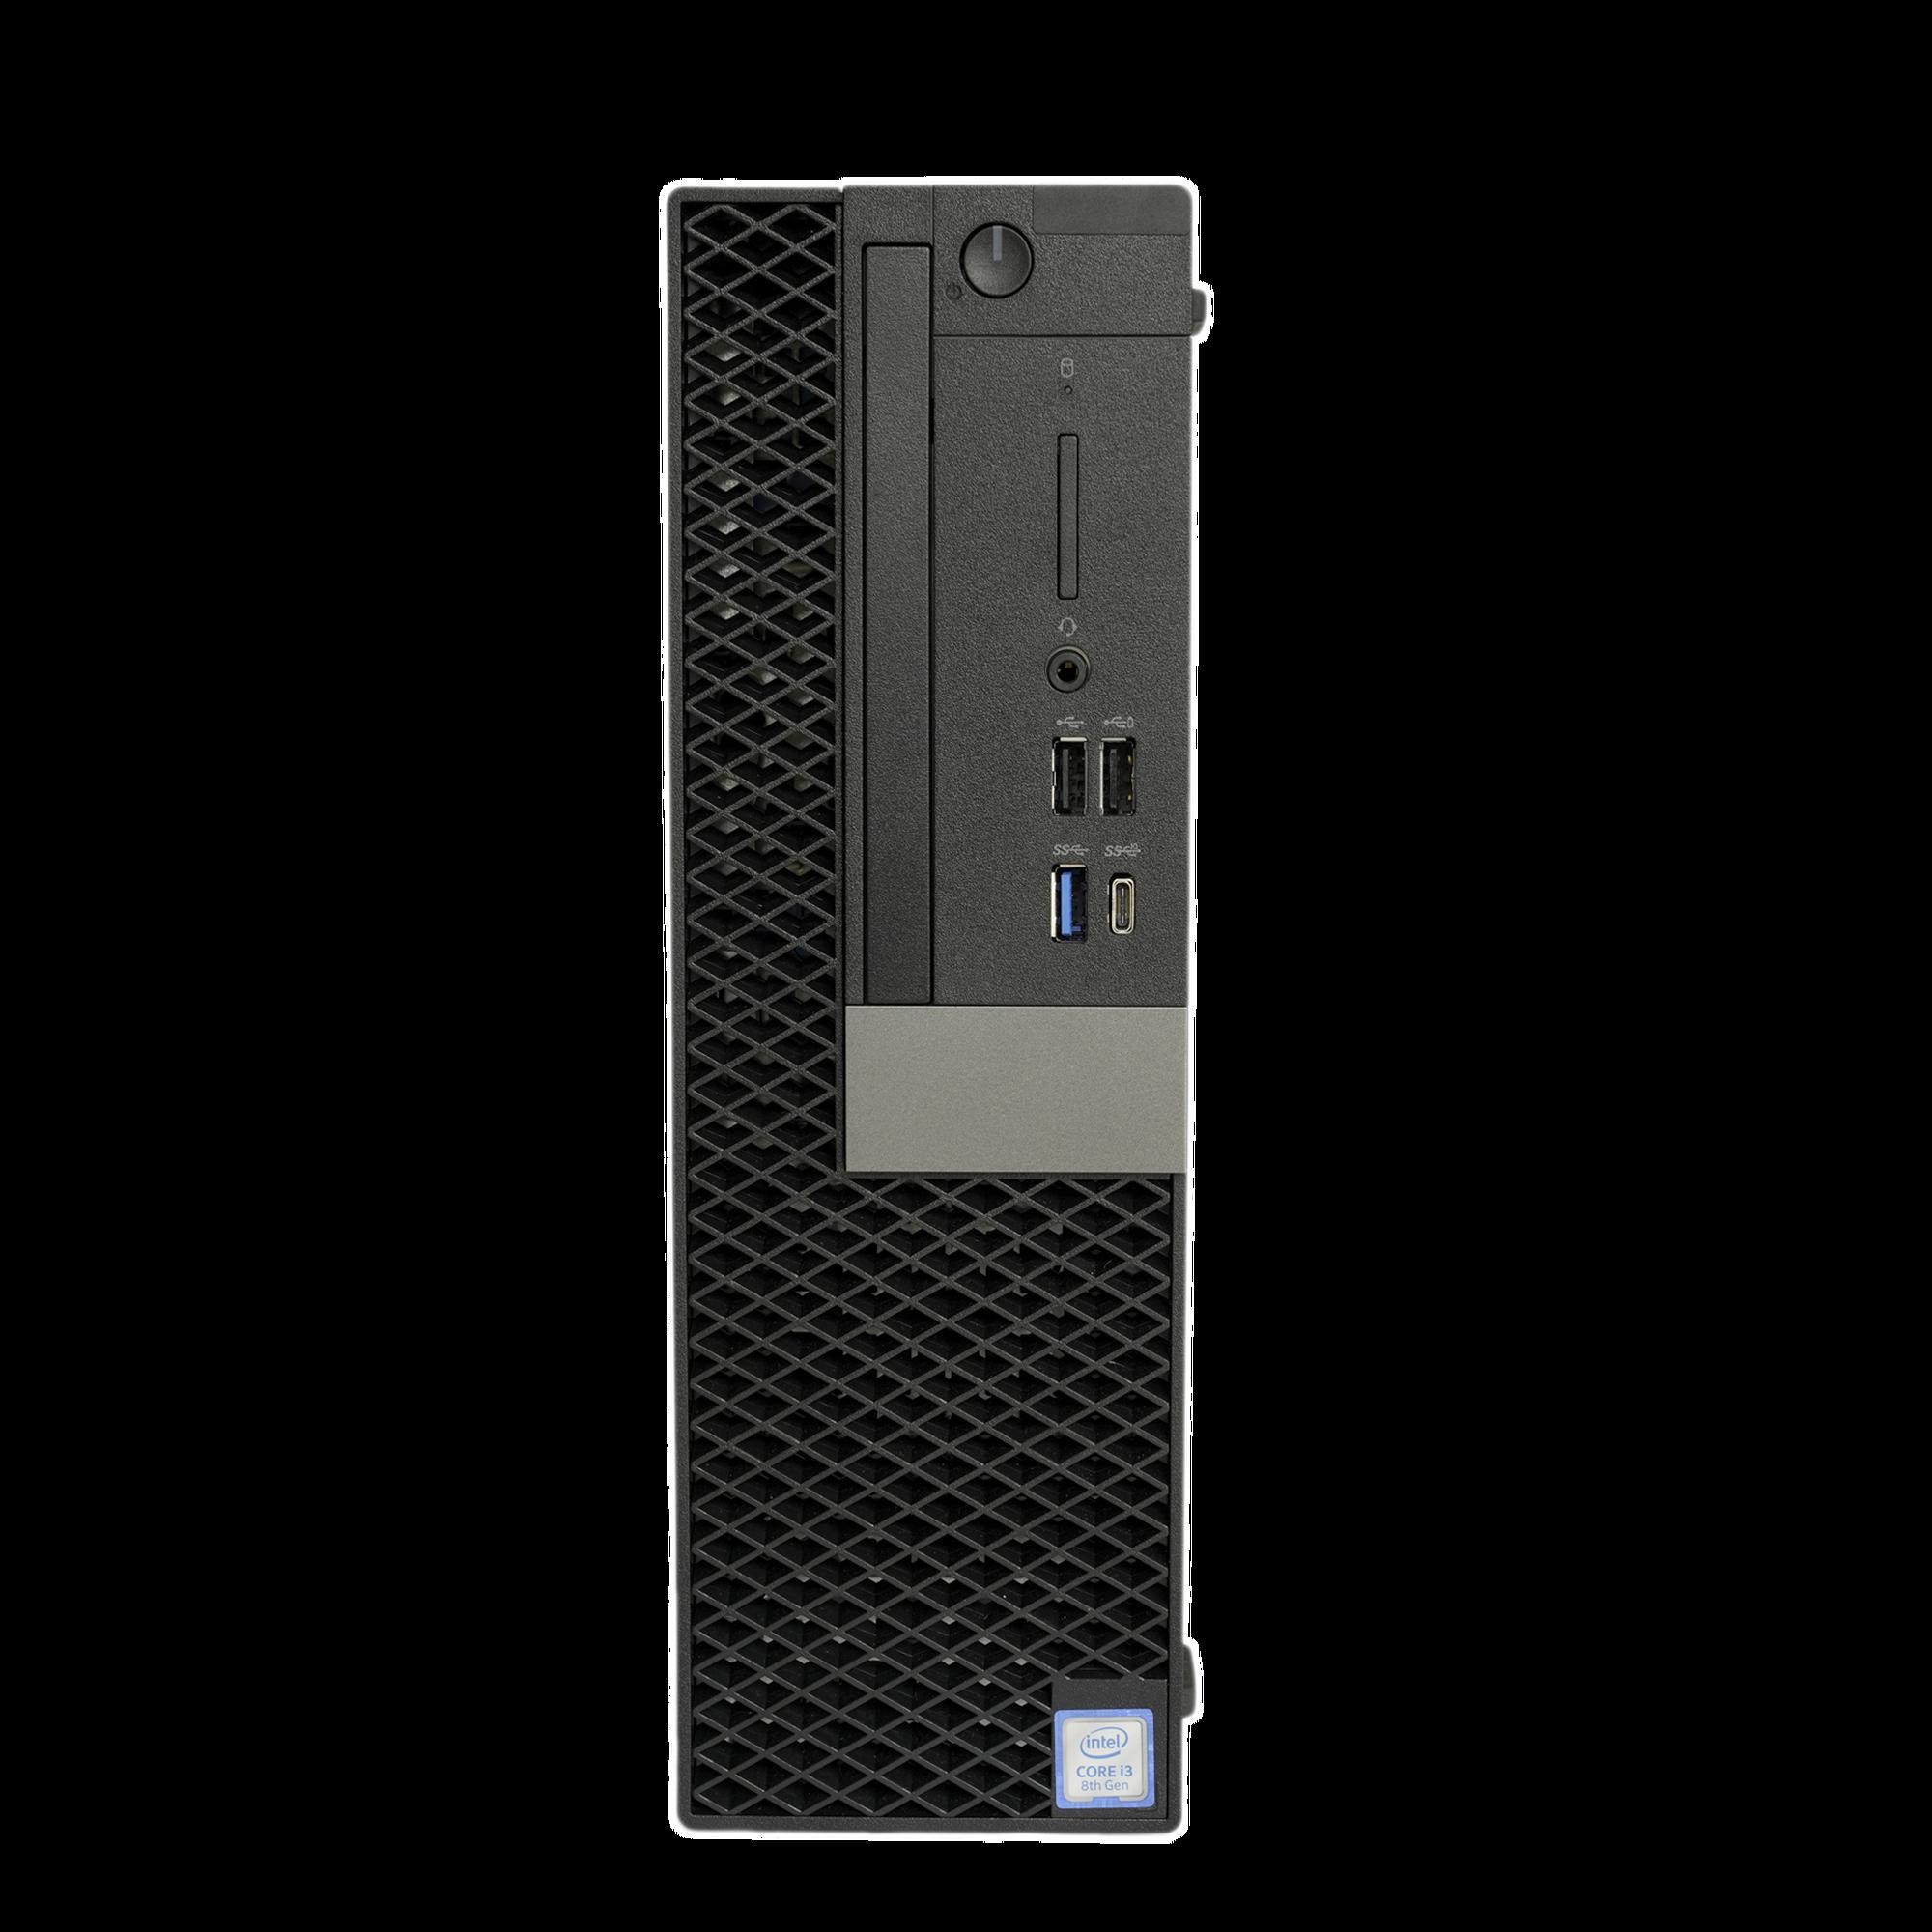 Servidor para Hik-Central / Hasta 32 Camaras / Intel? Core? i3-8100 / 64 Bits / Alto Desempeño / Diseño Compacto